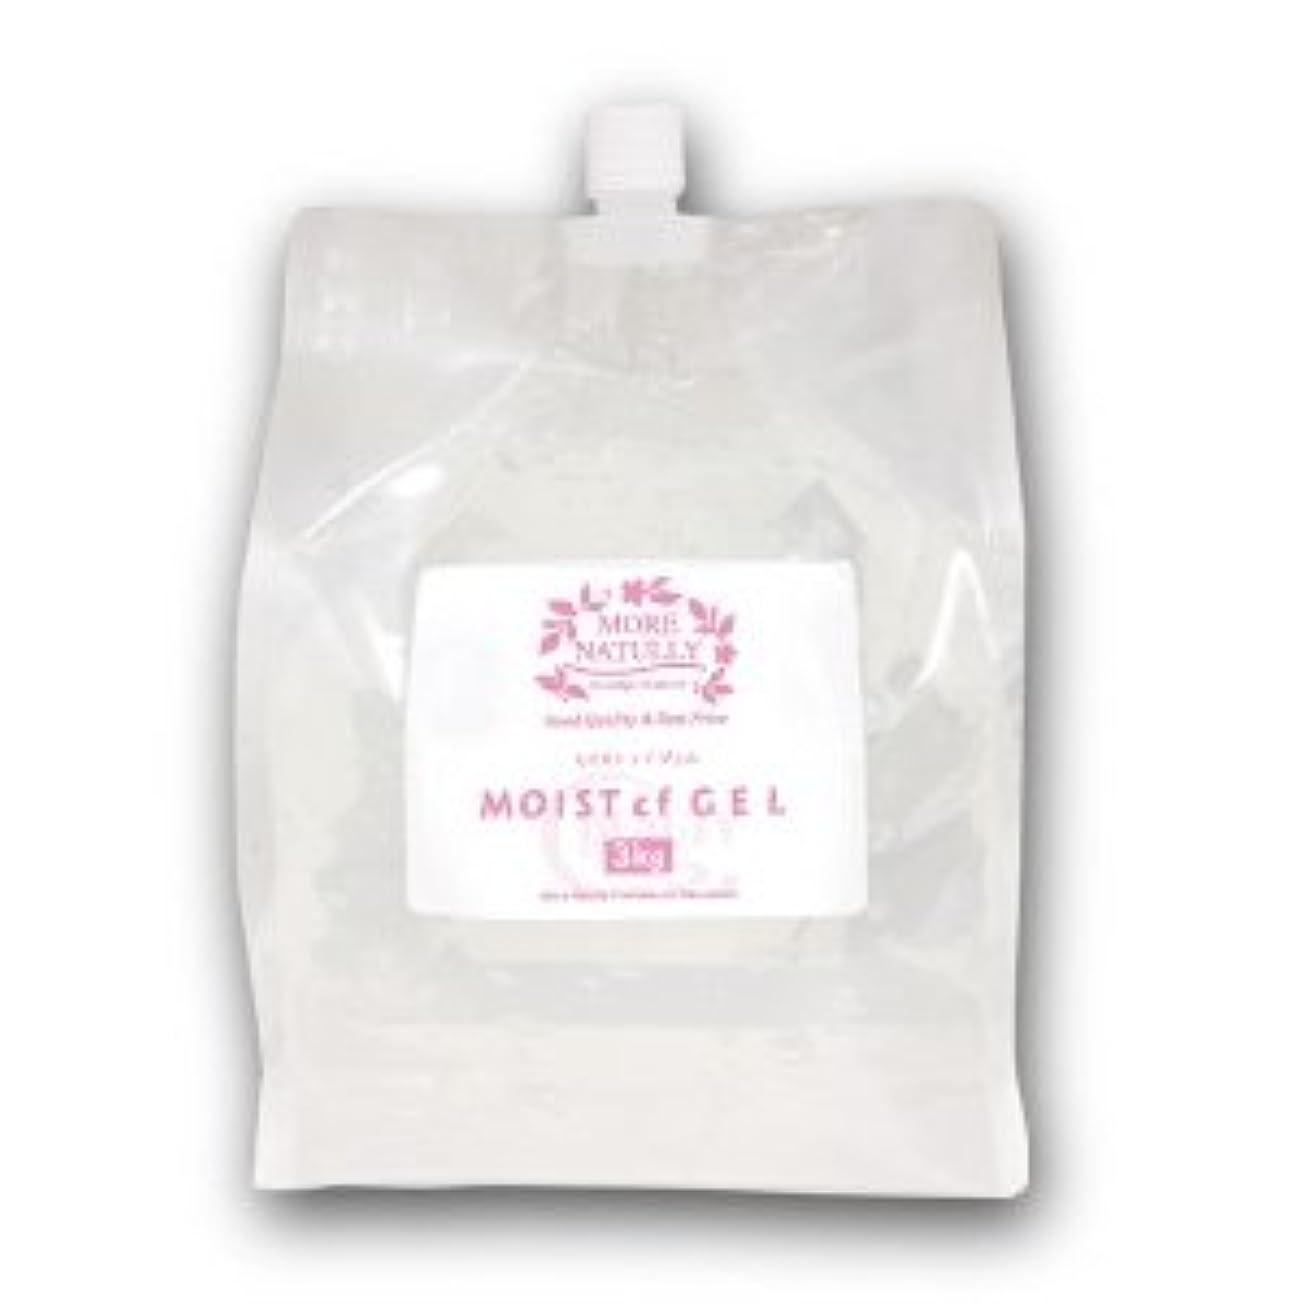 グリット暴露含意モアナチュリー モイストcfジェル 3kg×1袋